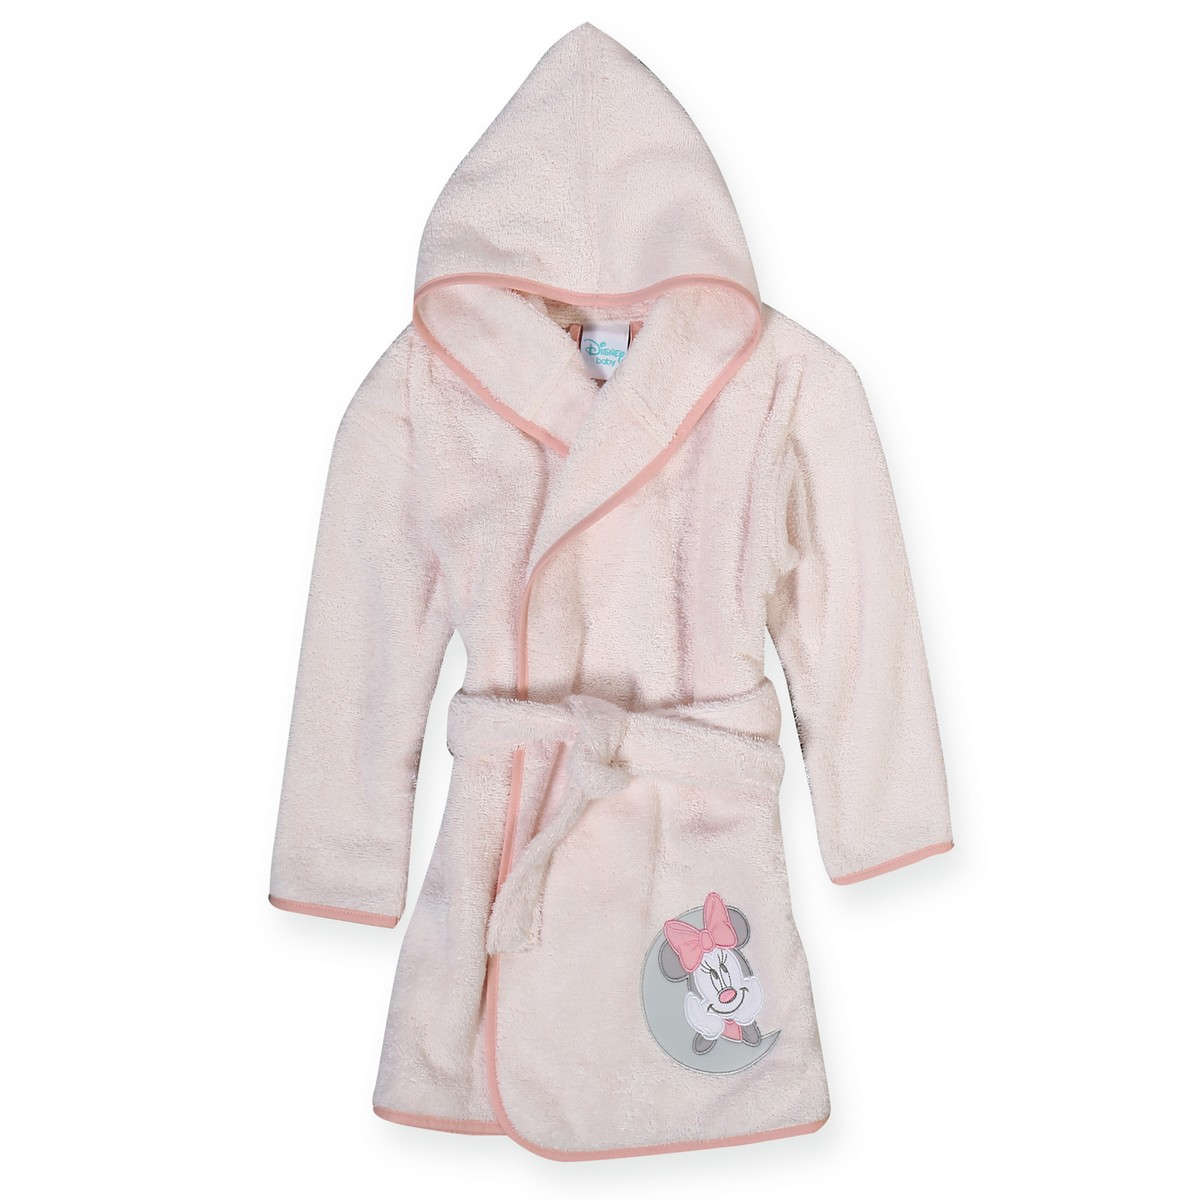 Μπουρνούζι Βρεφικό Minnie's Dreams Pink Nef-Nef 0-2 ετών No 2